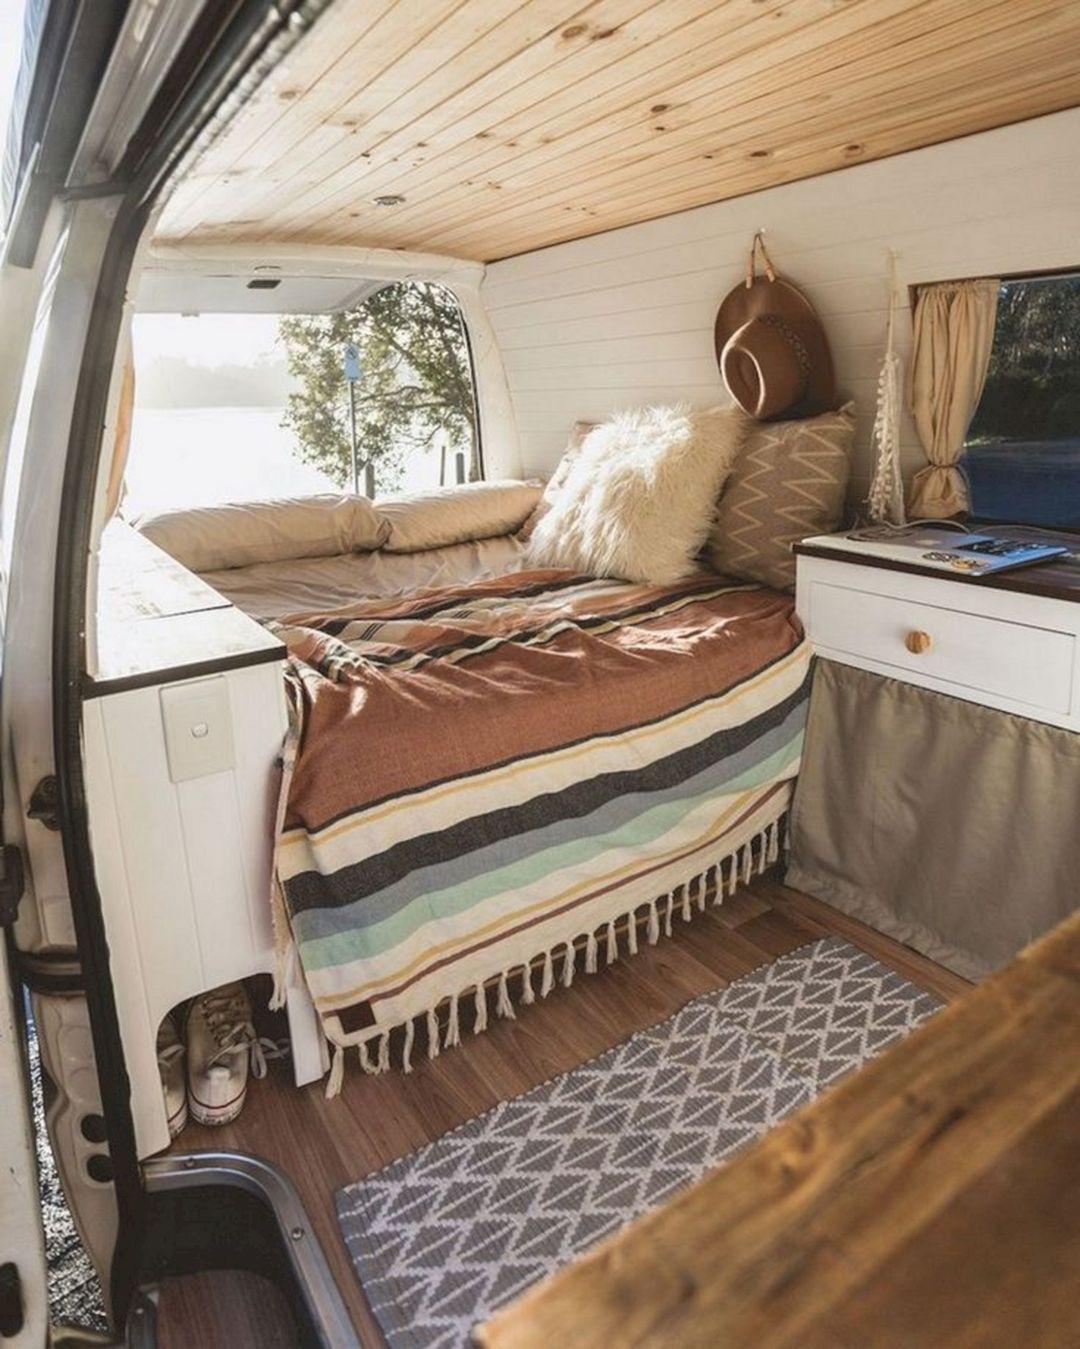 17 Impressive Small RV Interior Design For Comfortable Camping Ideas #campingideas